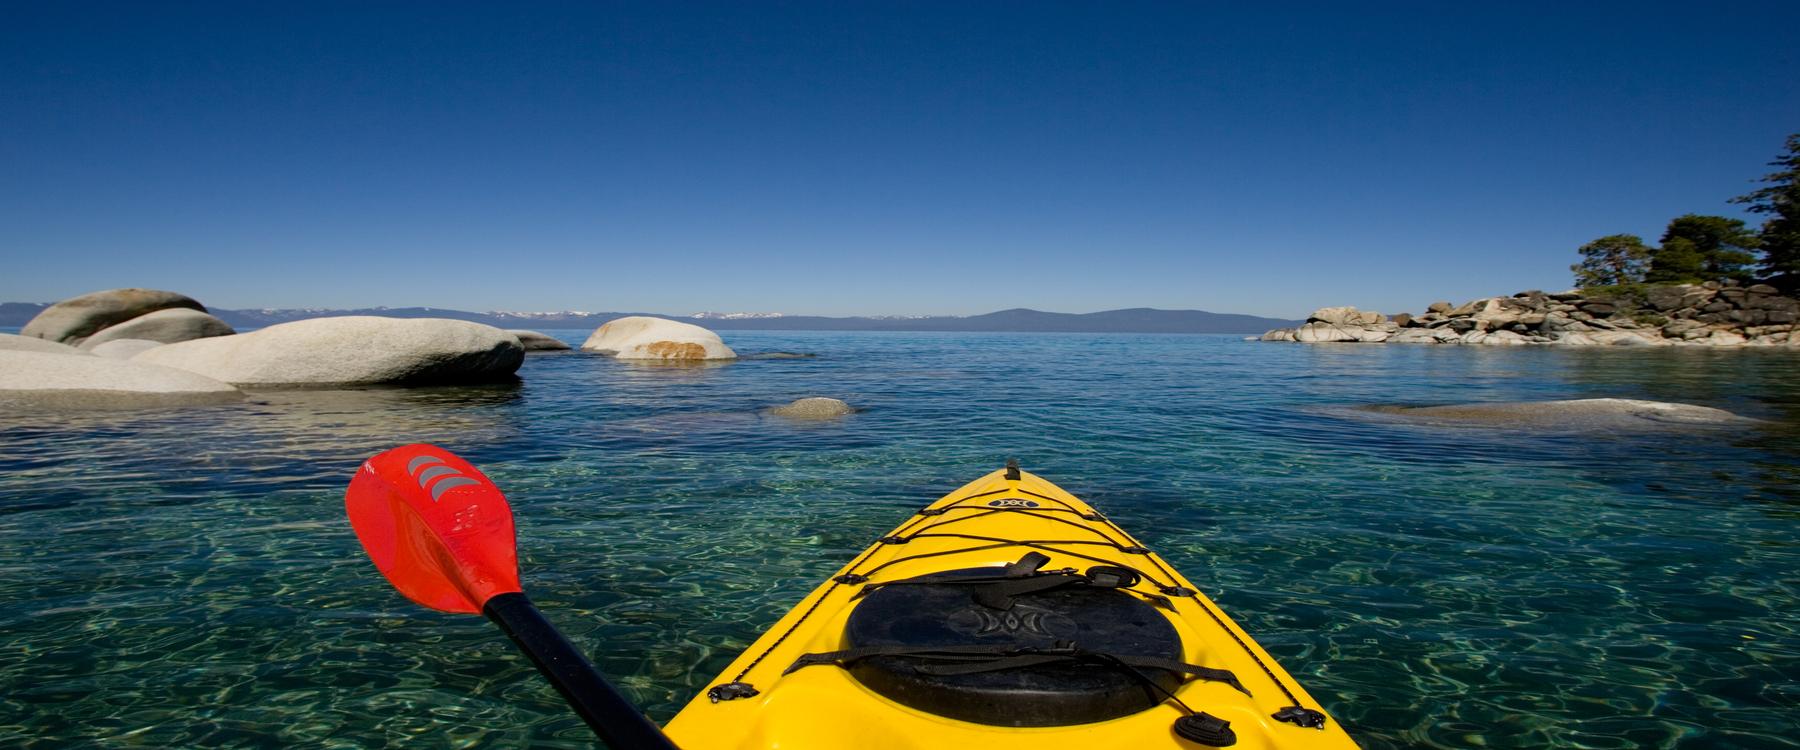 Paddling in Lake Tahoe, adventure, trip guide